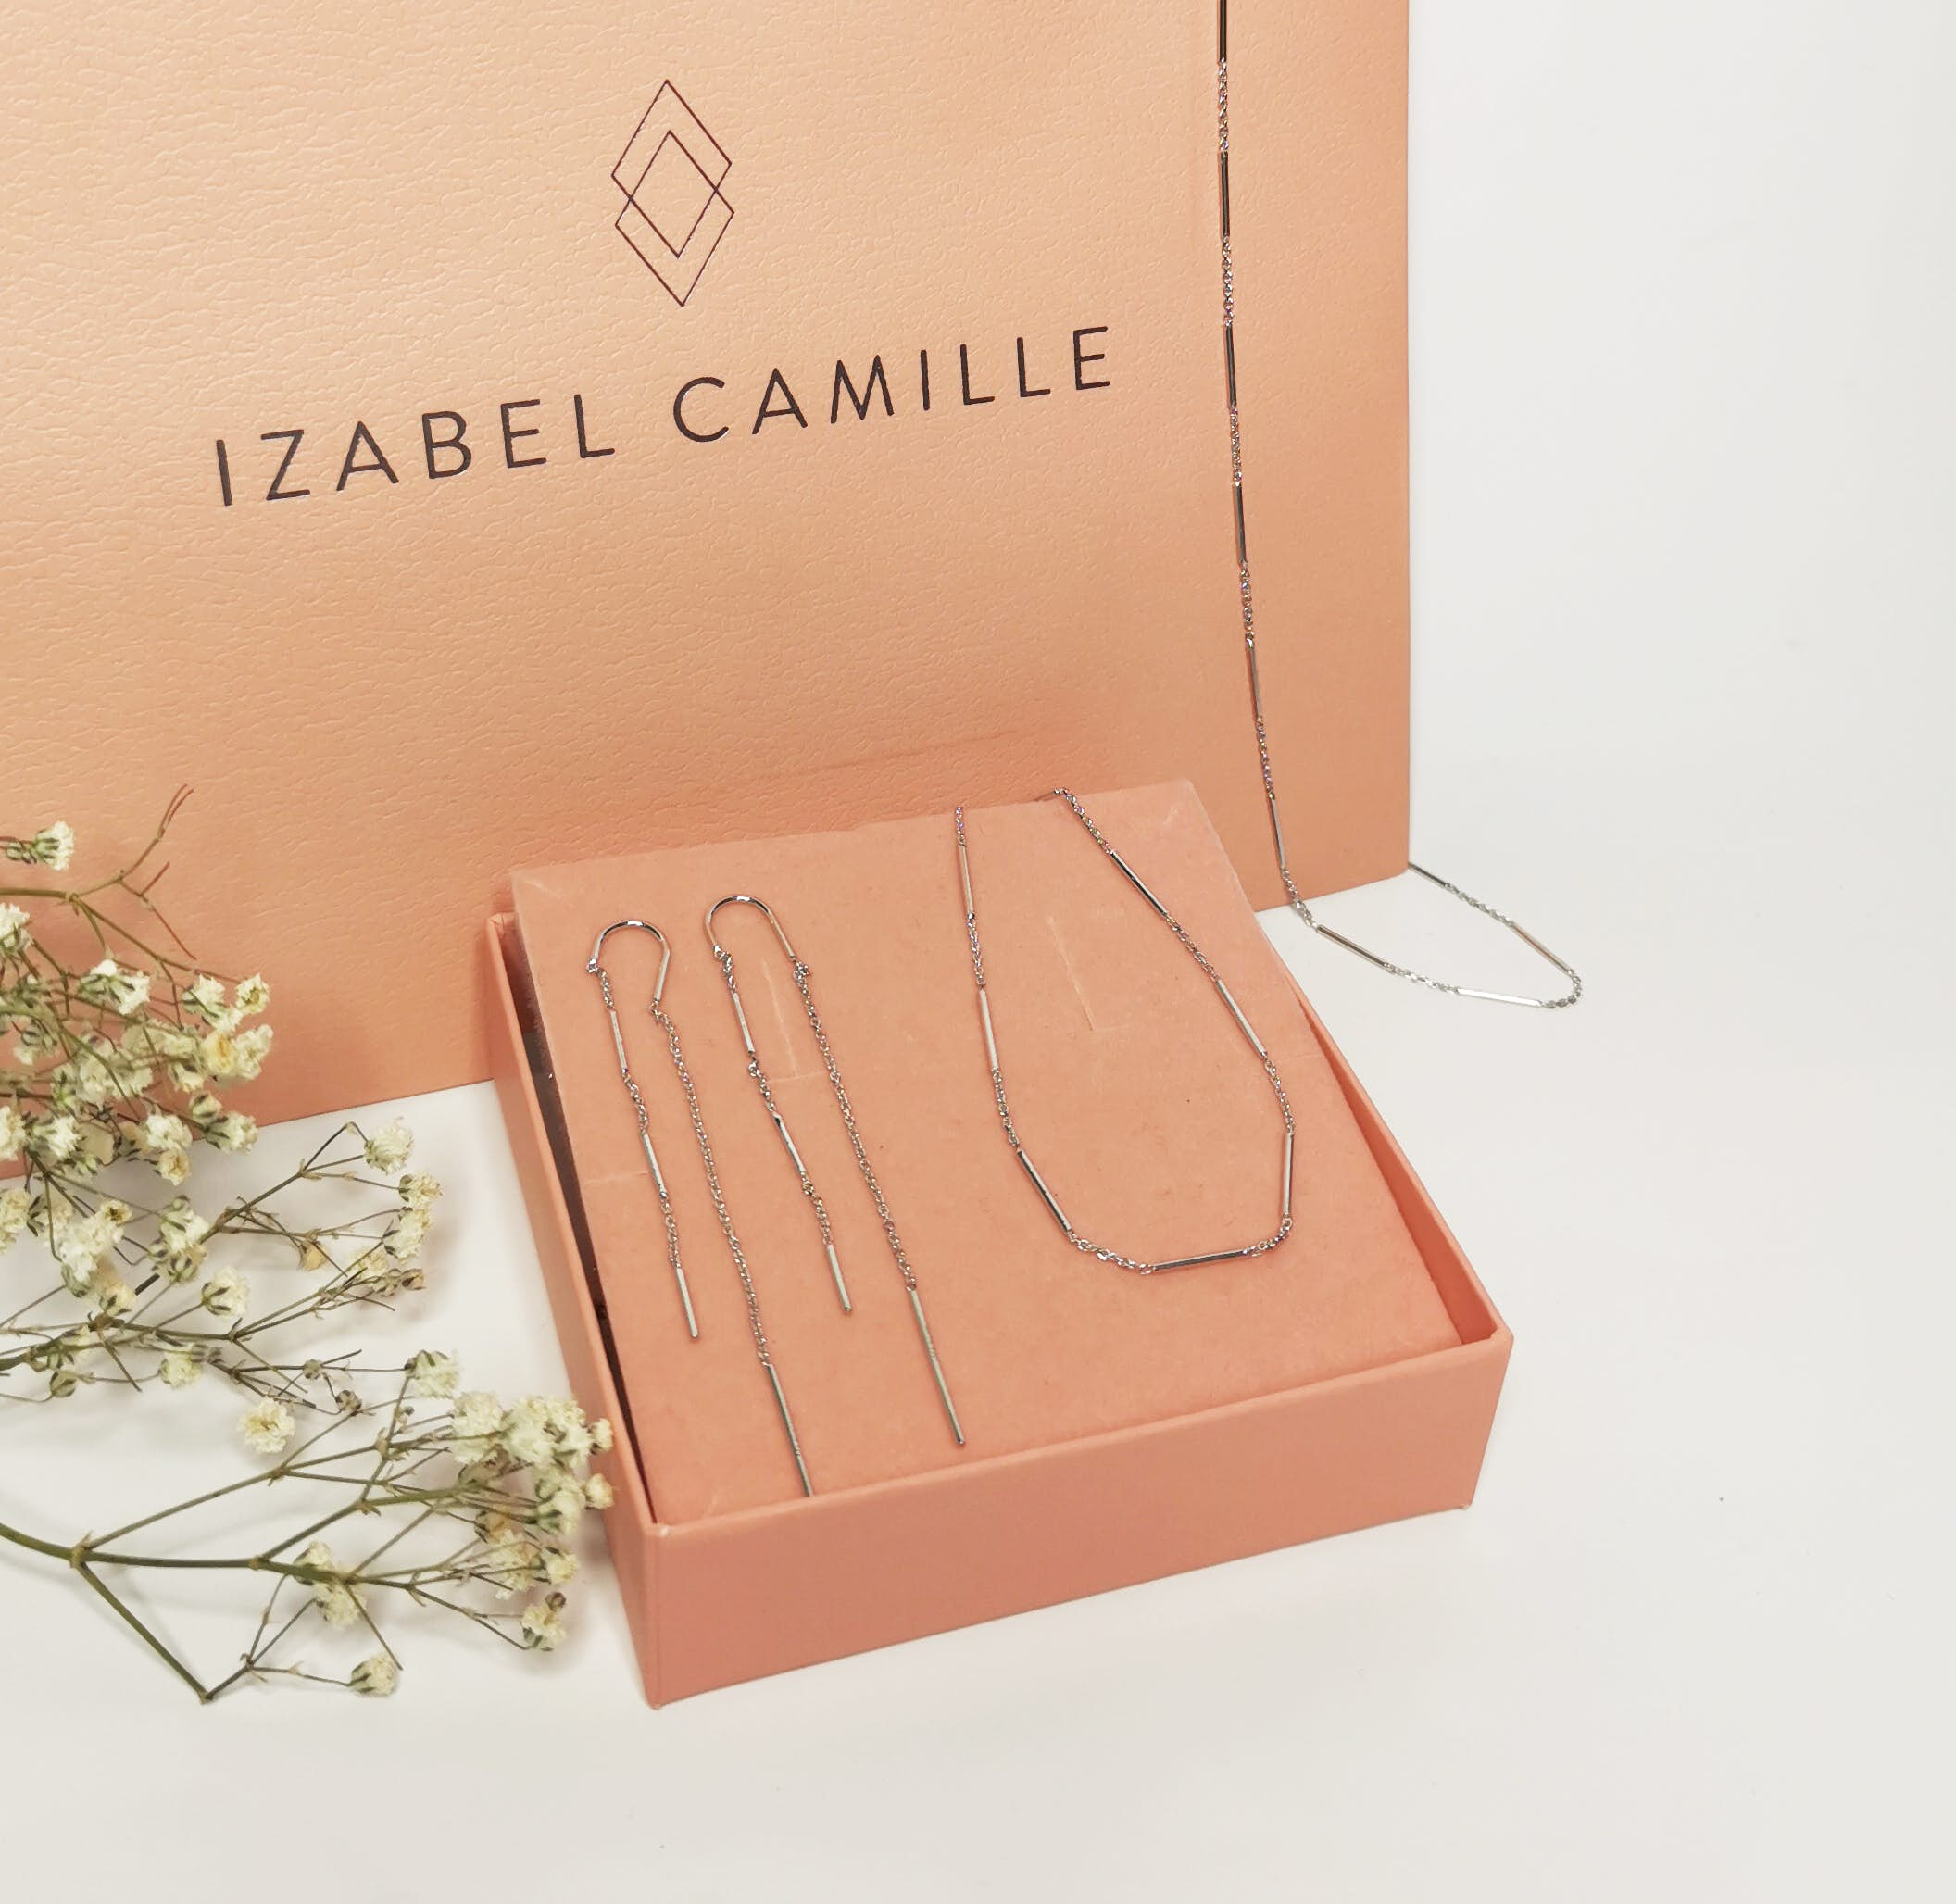 Rainfall earchains fra Izabel Camille i Forgyldt-Sølv Sterling 925